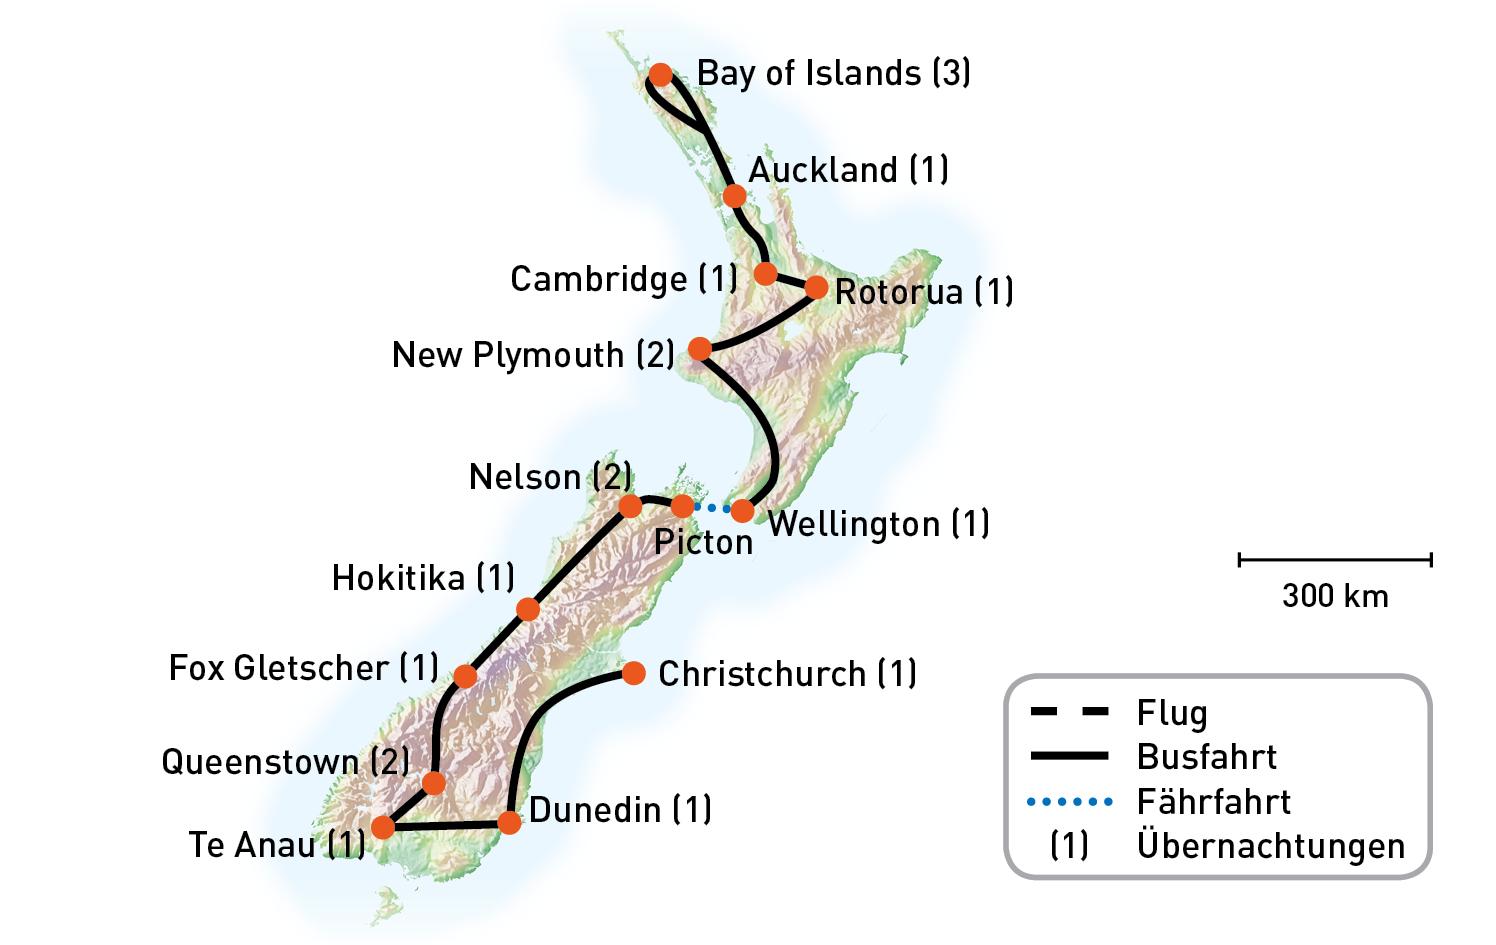 Routenkarte_Neuseeland_NeuseelandDeluxe_KiKa2020_RGB